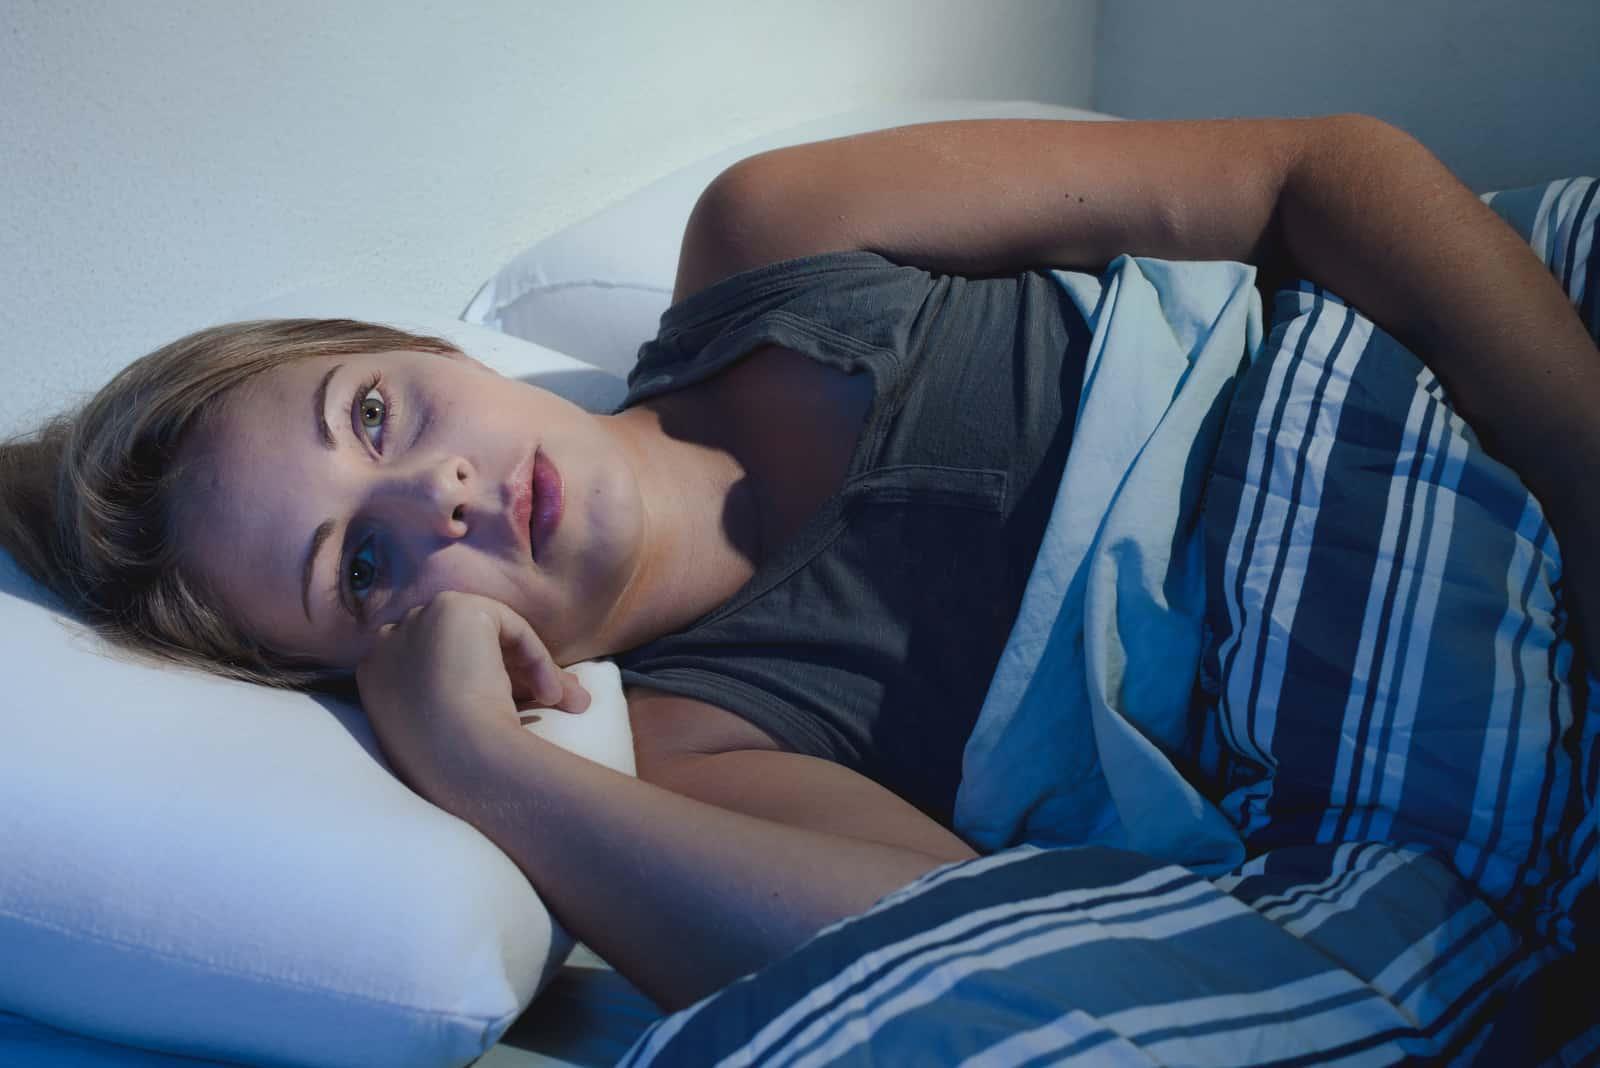 Die Frau liegt im Bett